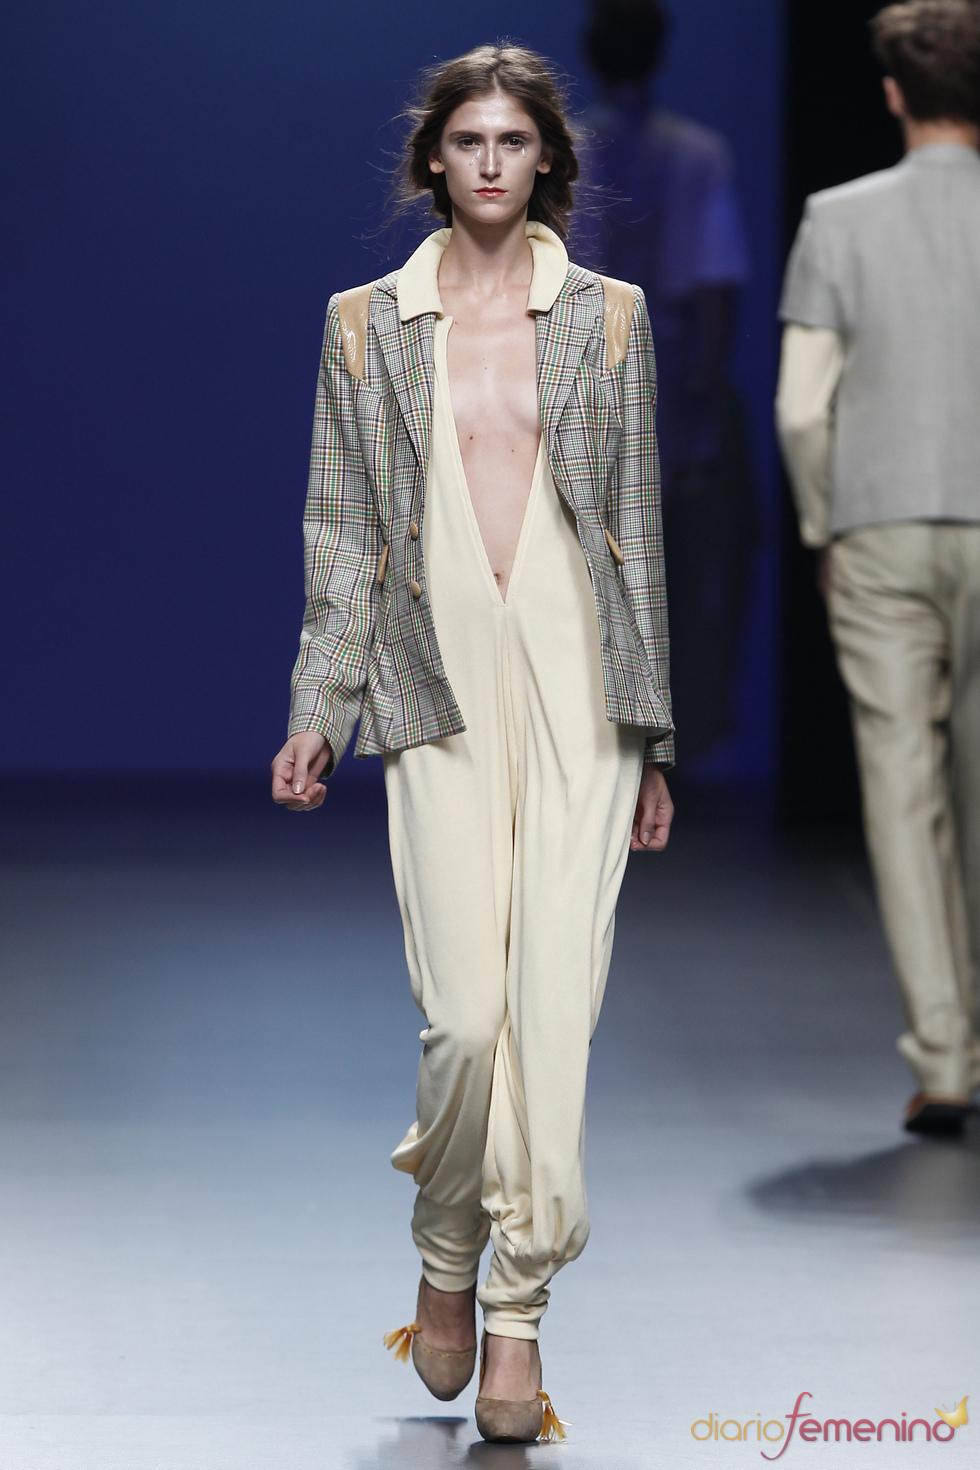 Escote y elegancia según Antonio Alvarado en Cibeles Madrid Fashion Week